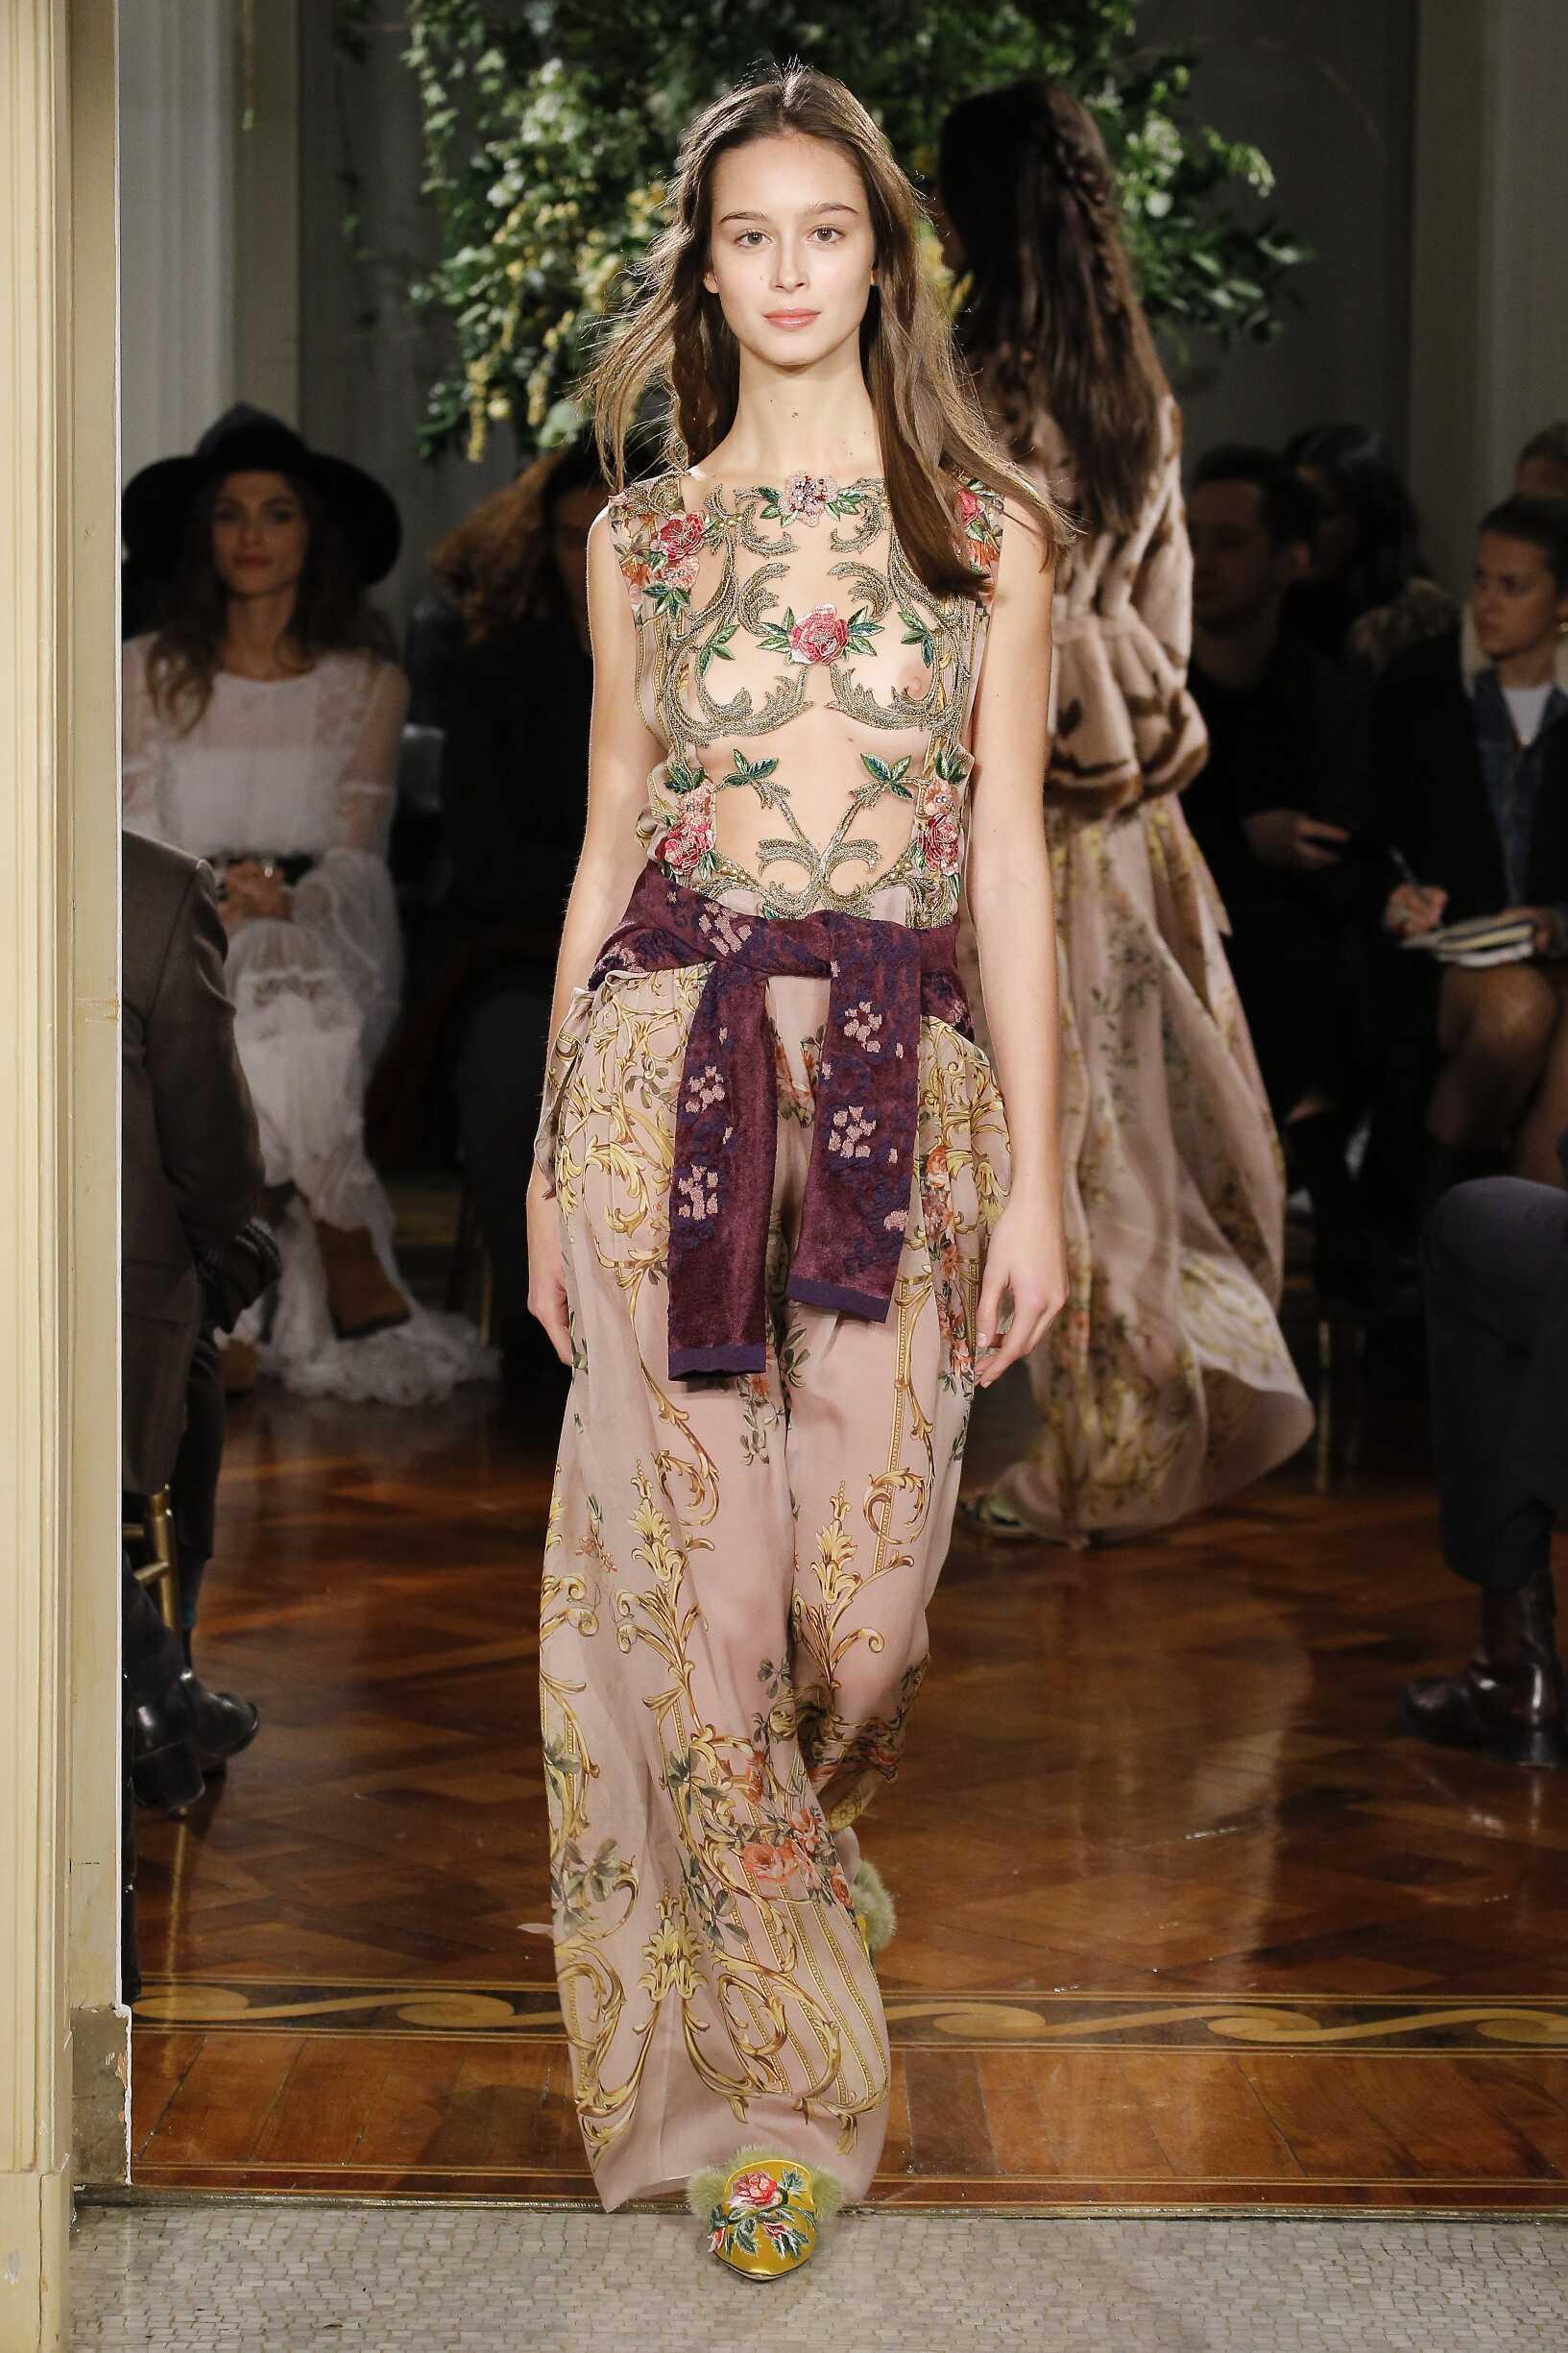 Woman Model Fashion Show Alberta Ferretti